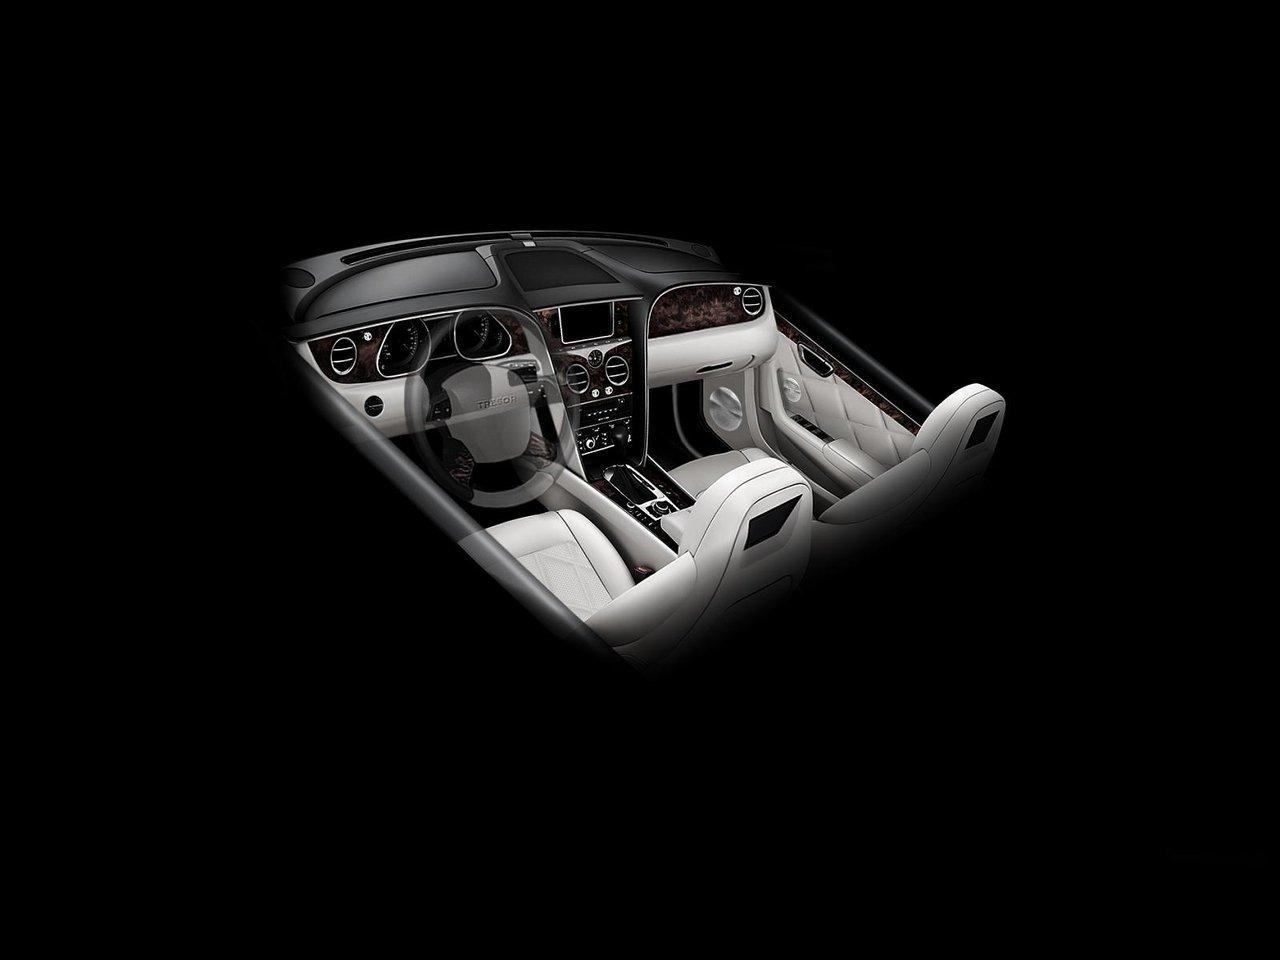 Audi Q7 Tresor 8 10